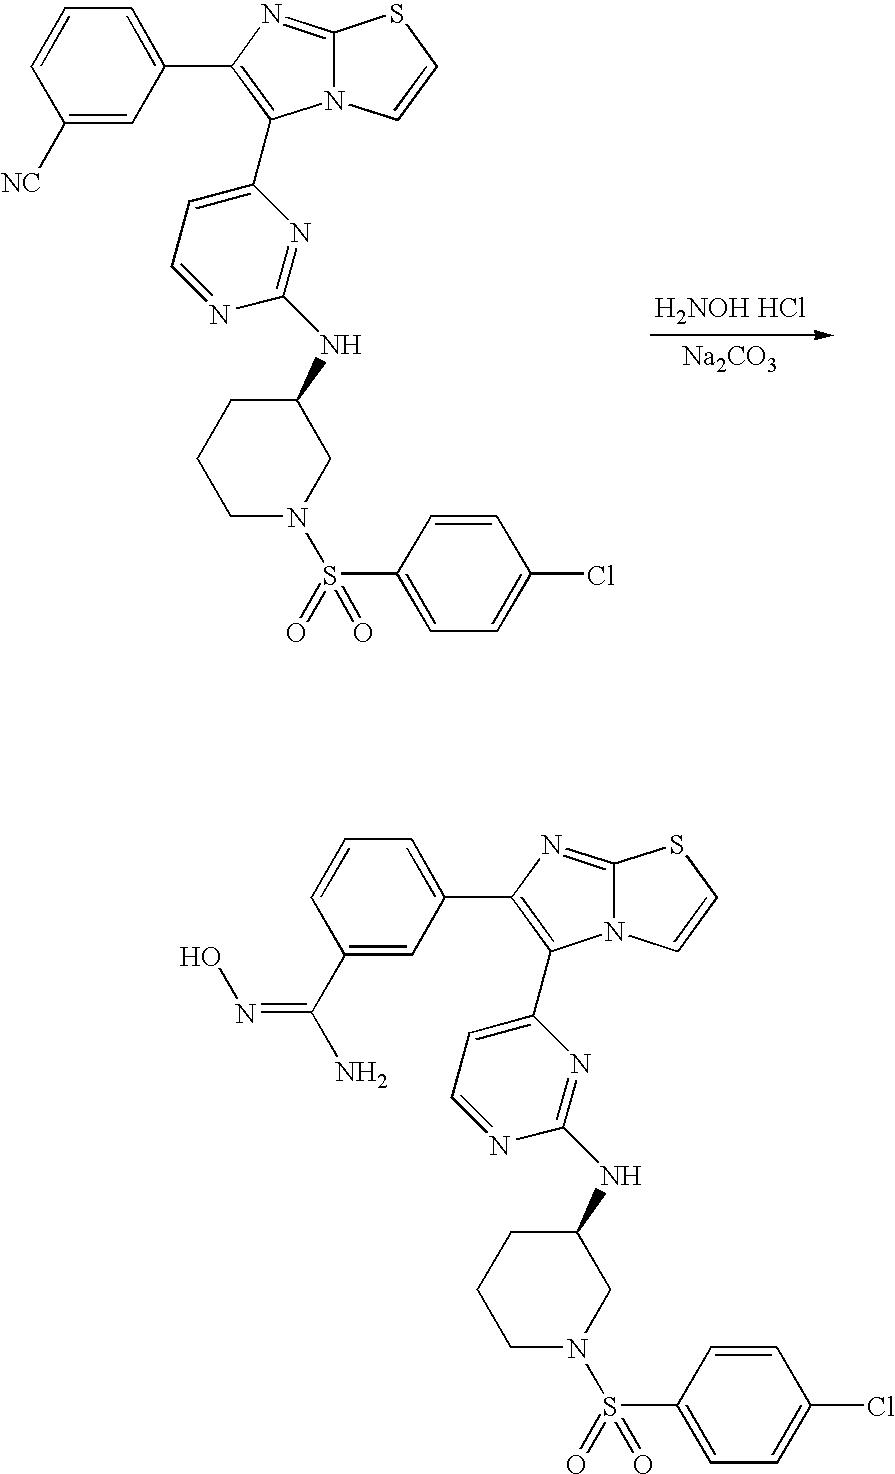 Figure US20090136499A1-20090528-C00051